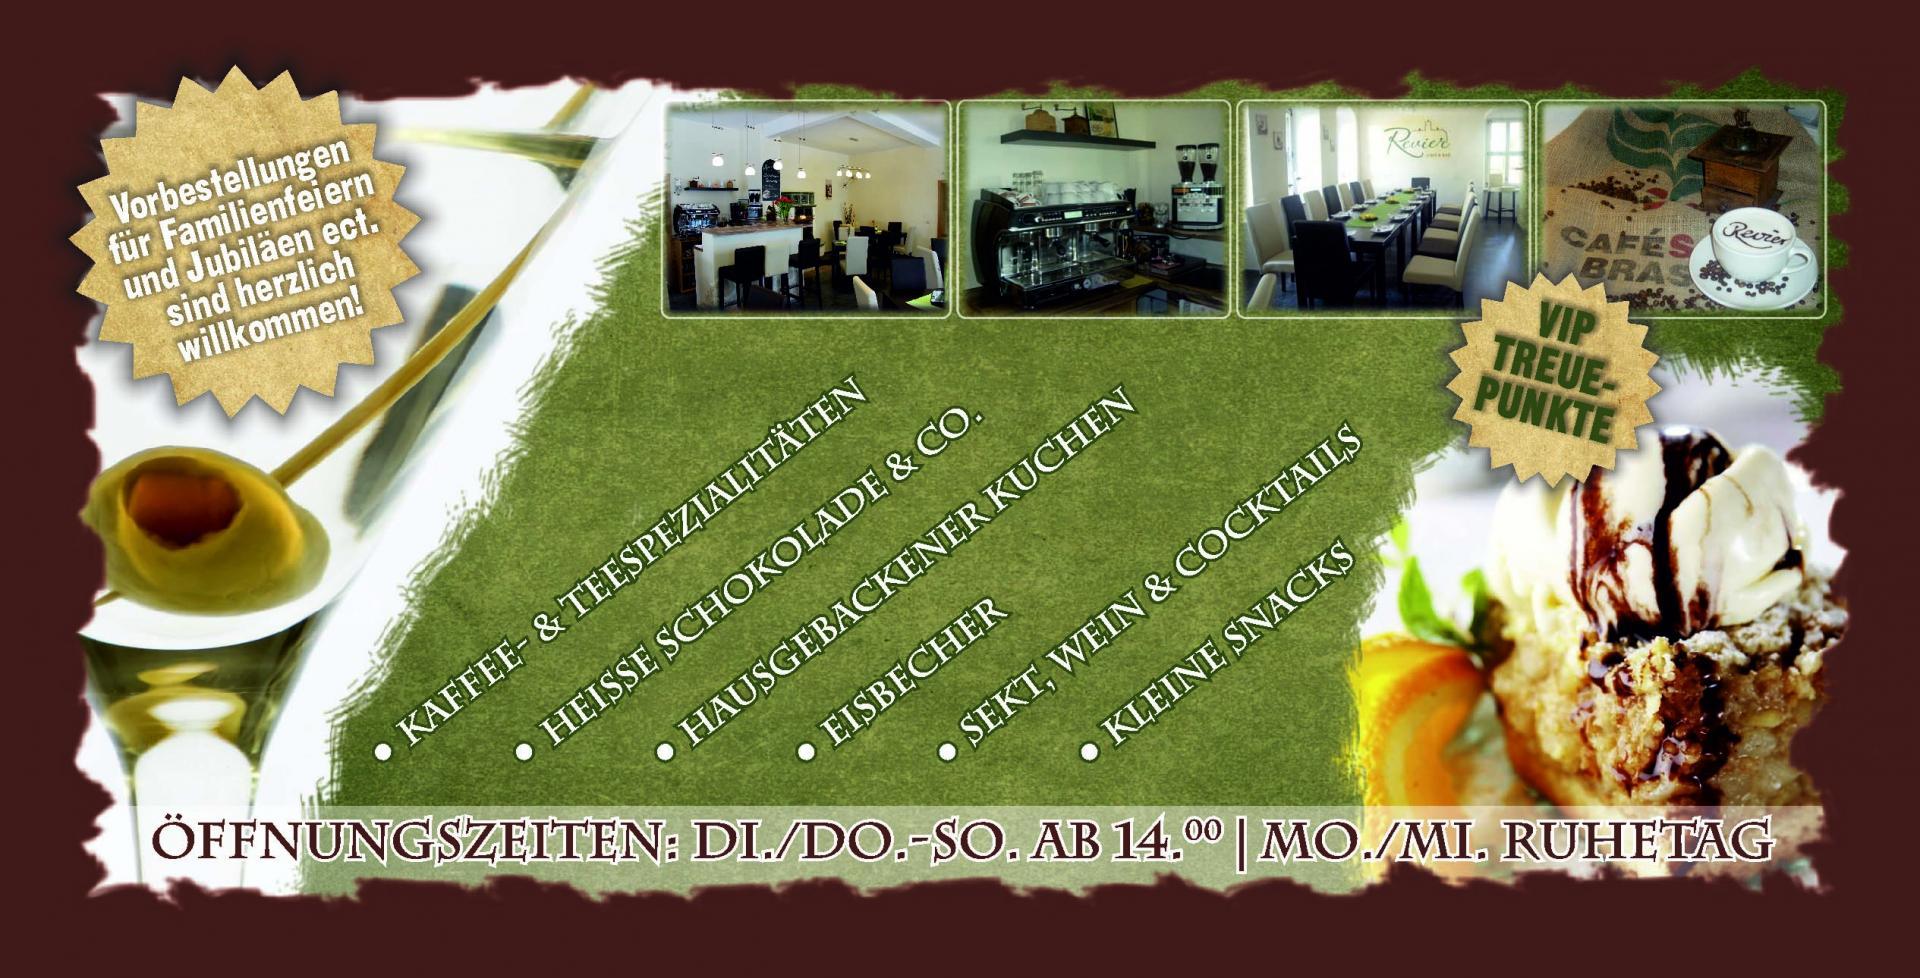 Revier Cafébar